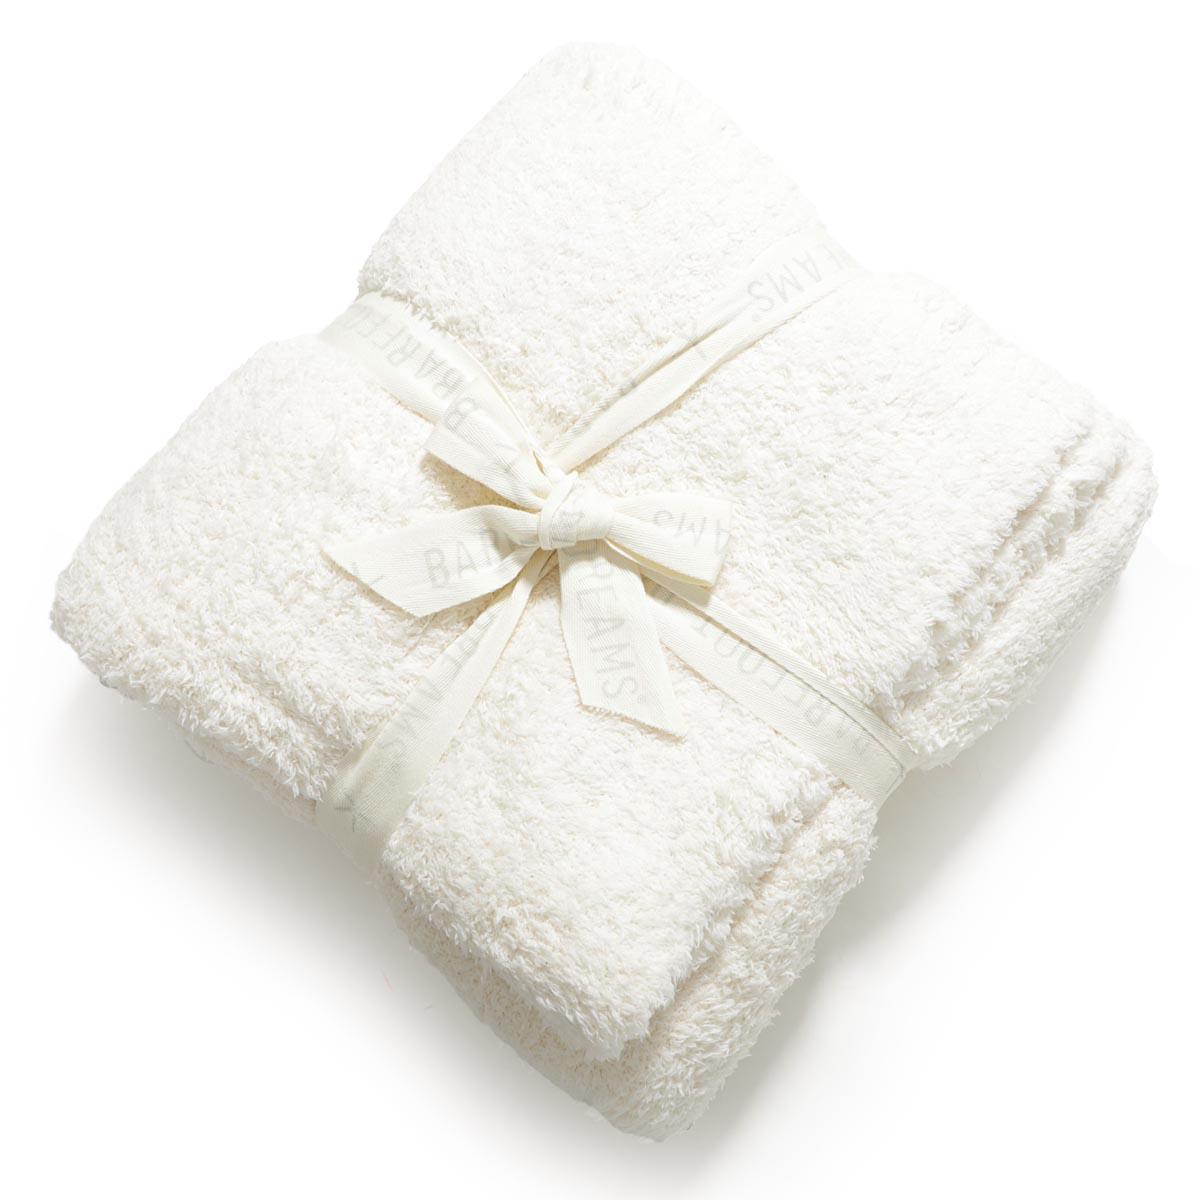 ベアフットドリームス BAREFOOT DREAMS ブランケット ホワイト b503 03 00 cream THROW BLANKET【あす楽対応_関東】【返品送料無料】【ラッピング無料】